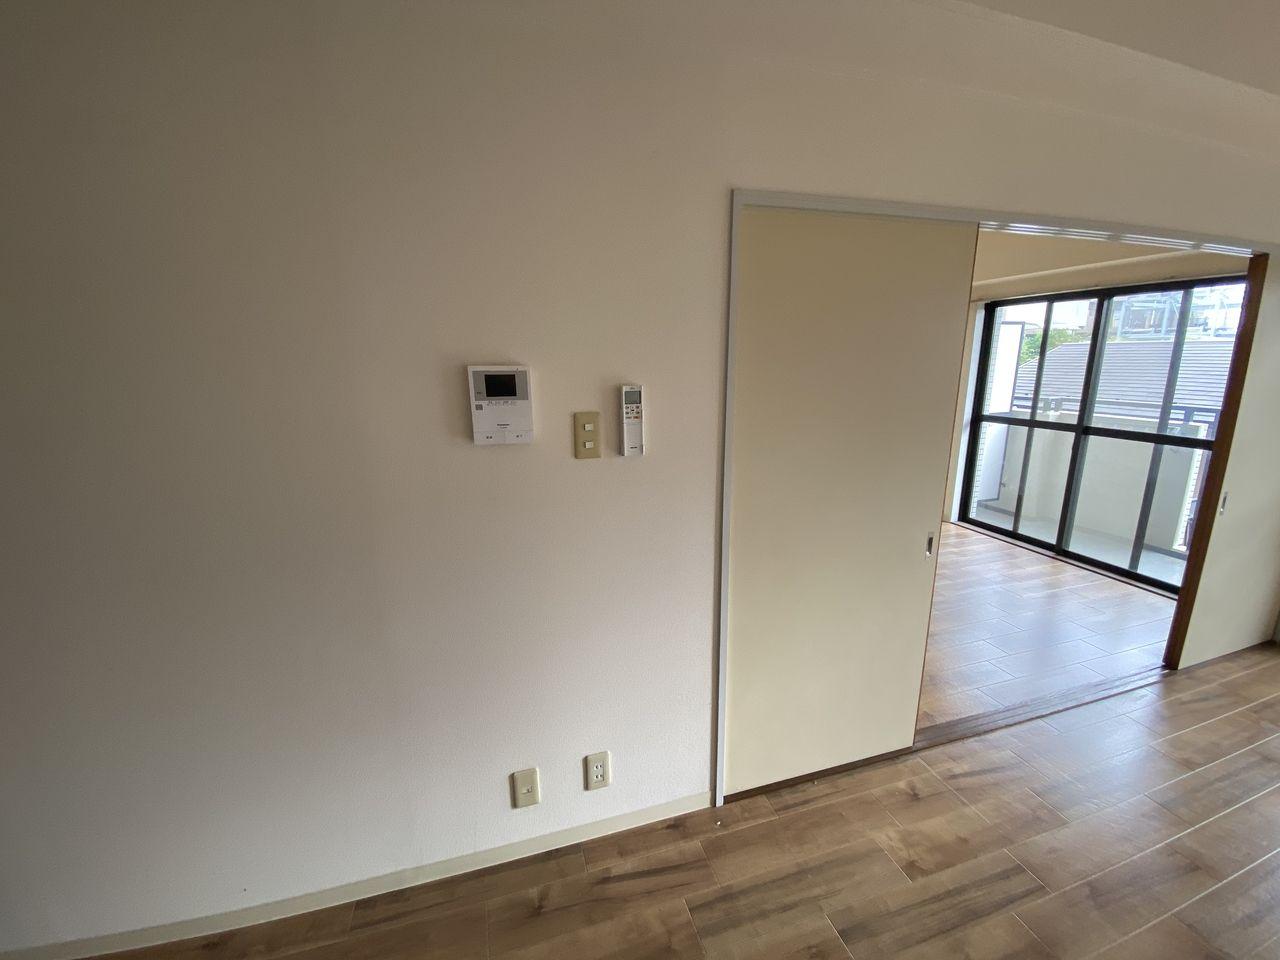 EV付たまプラーザ駅2分のマンションの第5正美ビルのTVモニター付インターホン